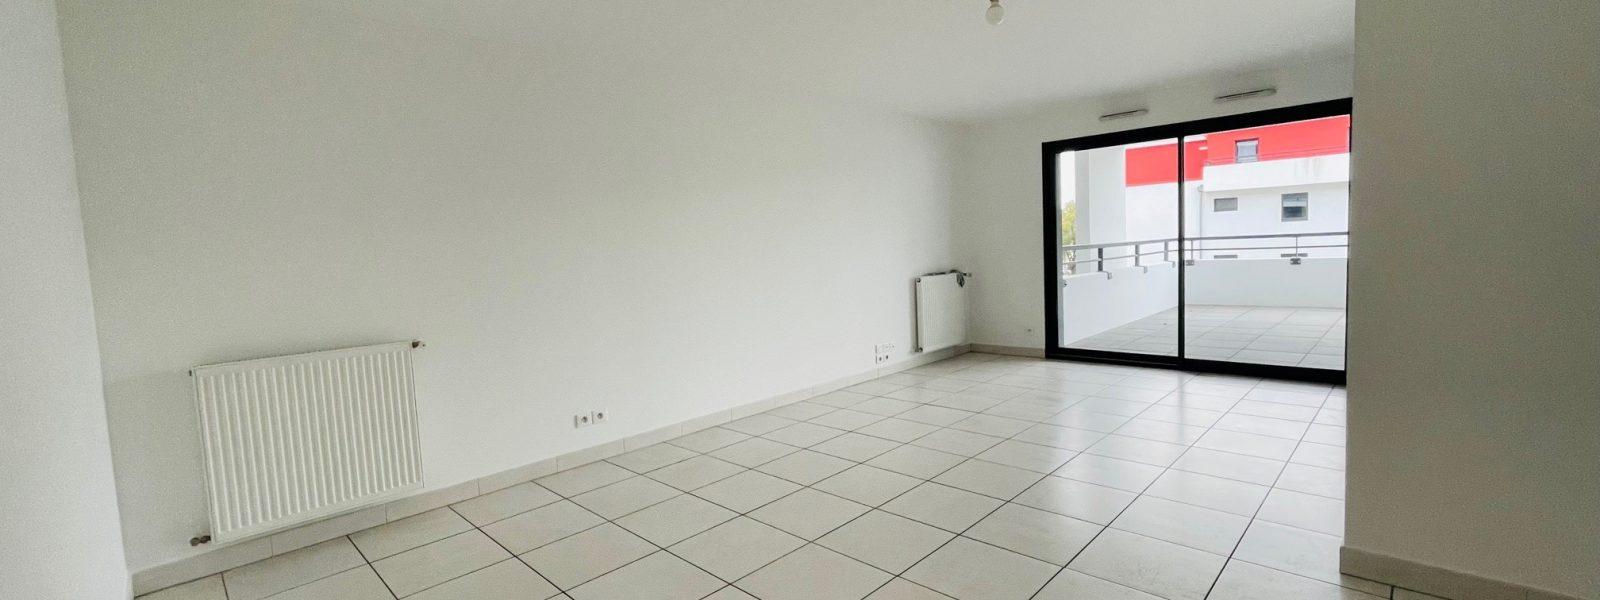 AVENUE VOLTAIRE - Appartement 95m² - Visuel 1 - Impact immobilier 01